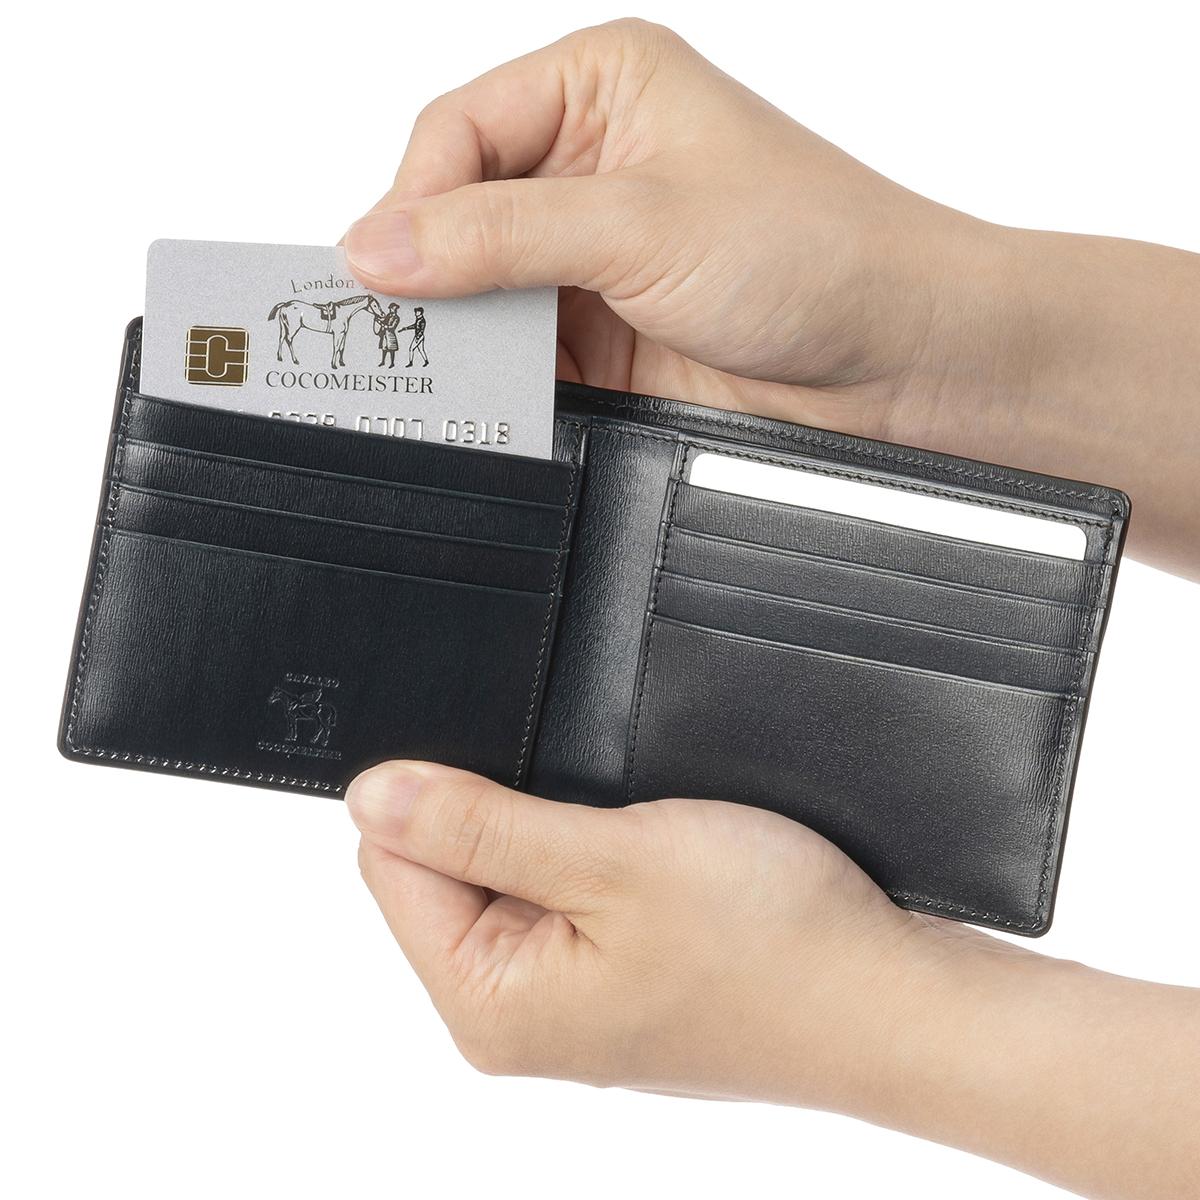 カヴァレオ ゴゴータのカードポケット2